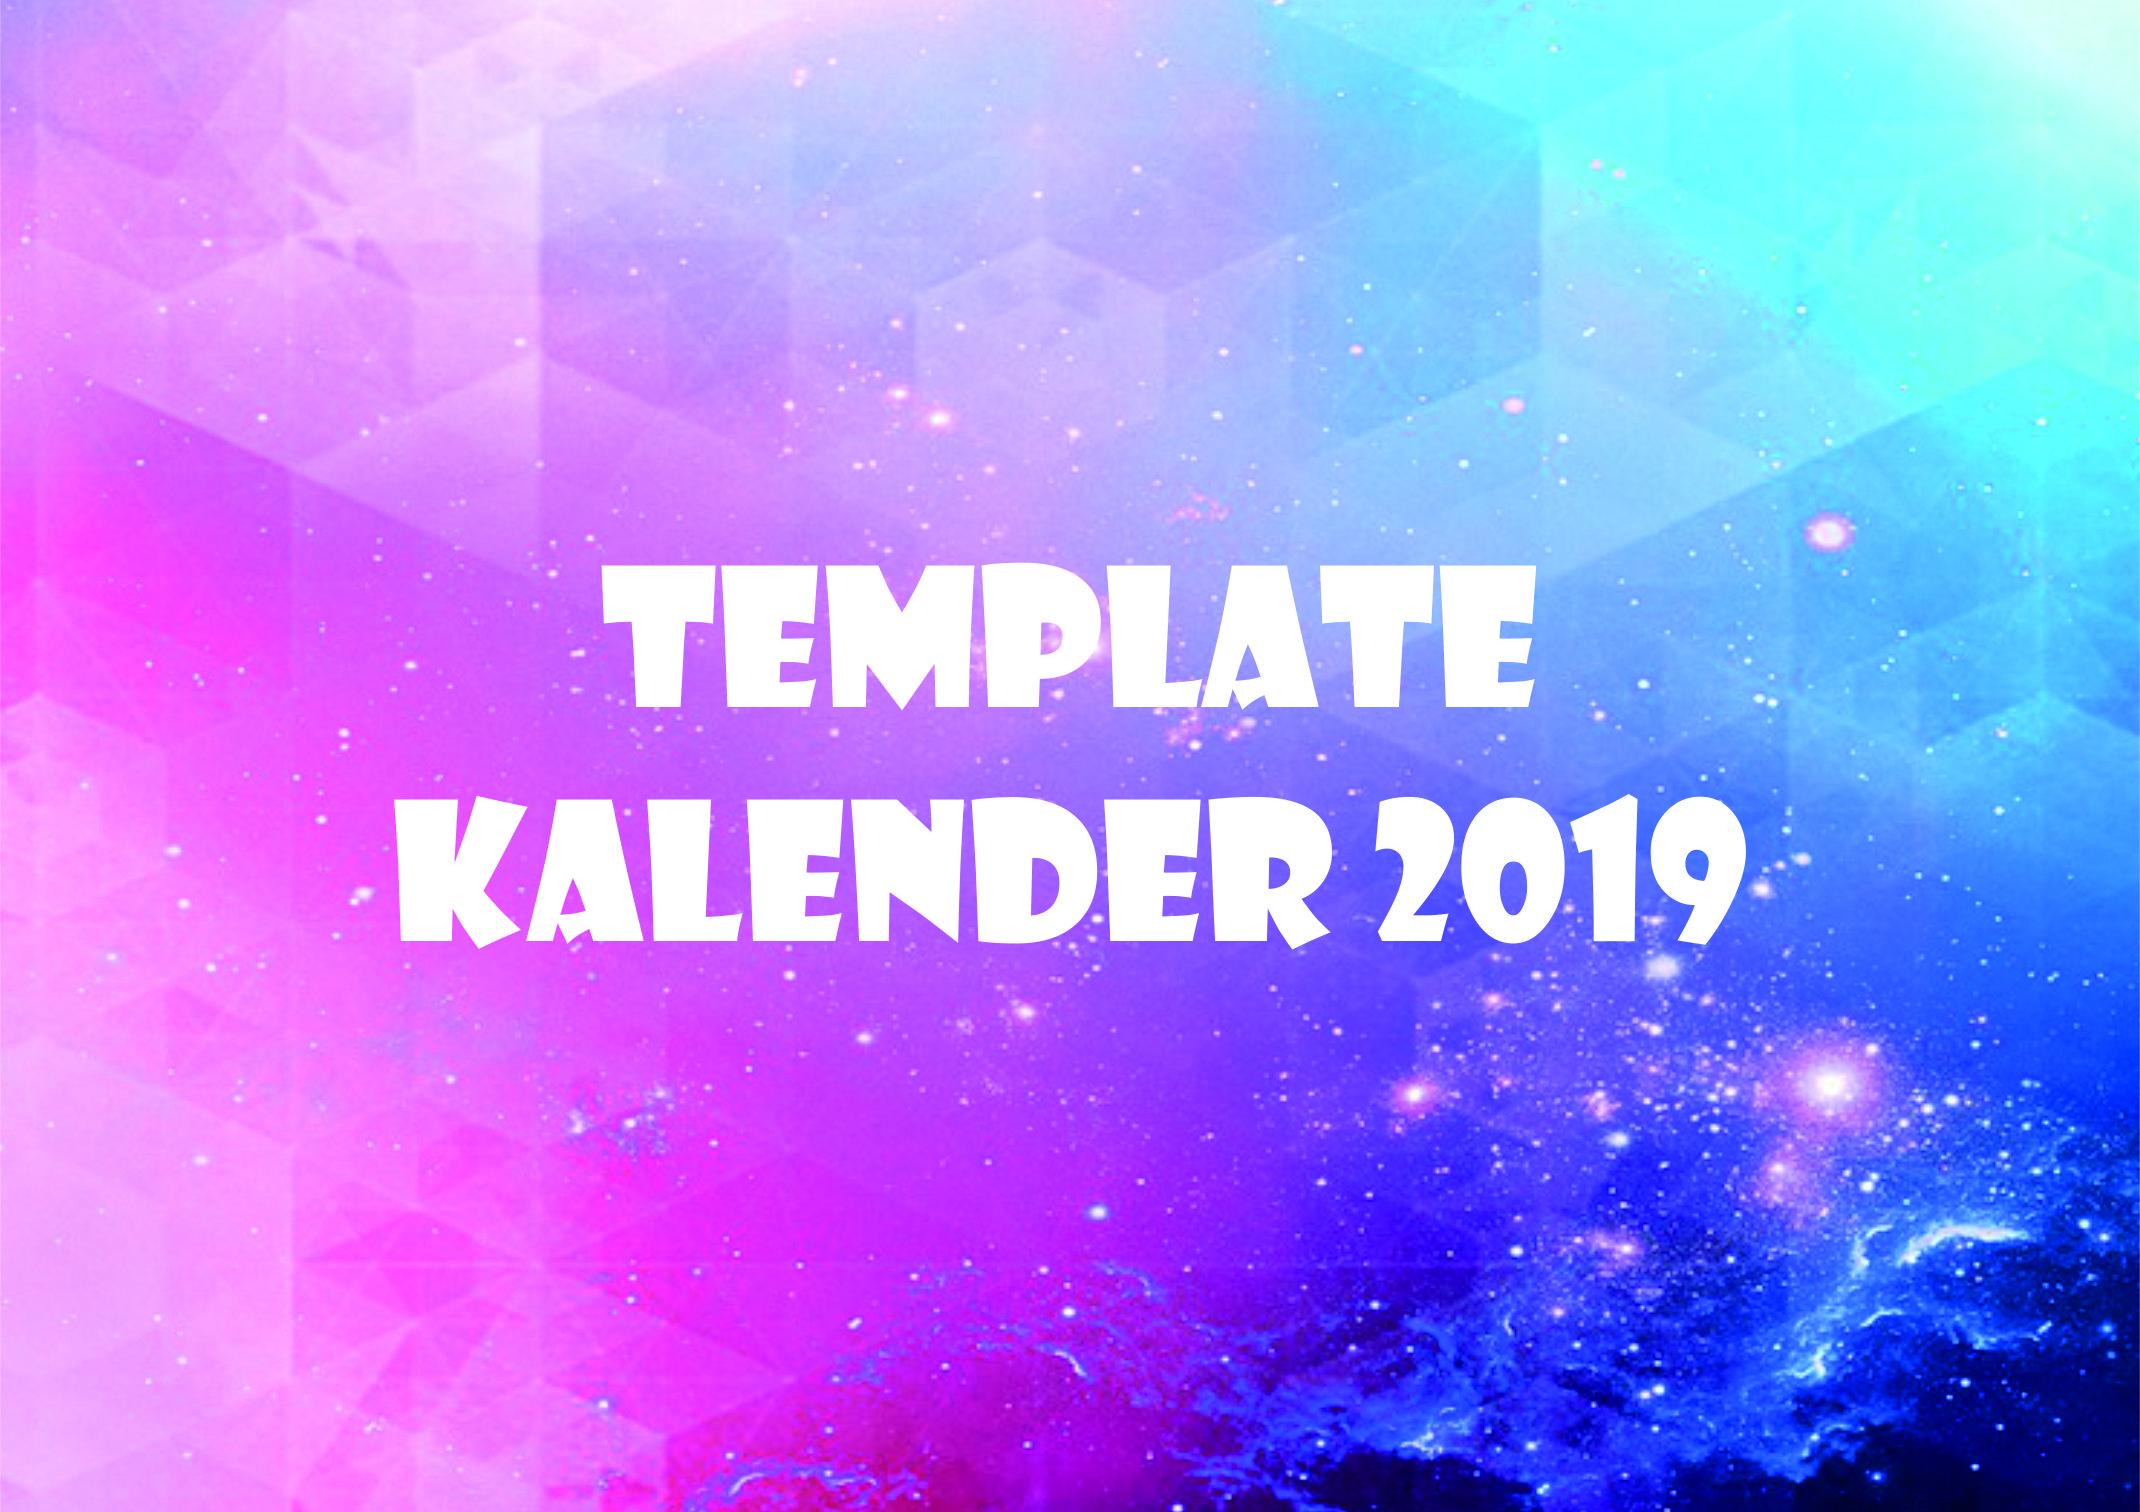 template kalender 2019